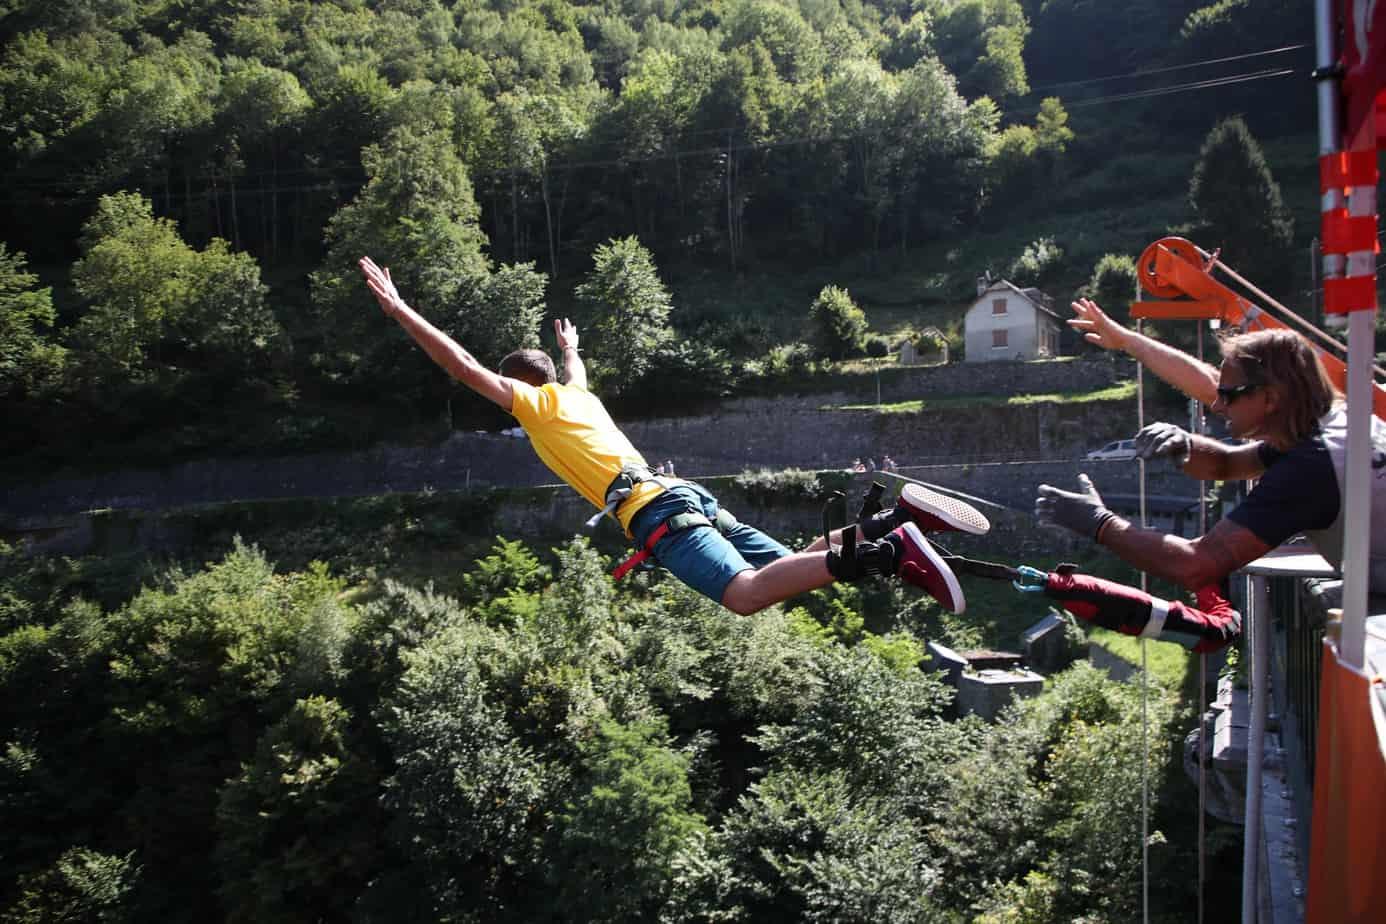 saut elastique pont napoleon luz st sauveur midi pyrenees toulouse bordeaux tarbes pau lourdes hautes pyrenees pyrenees orientales.